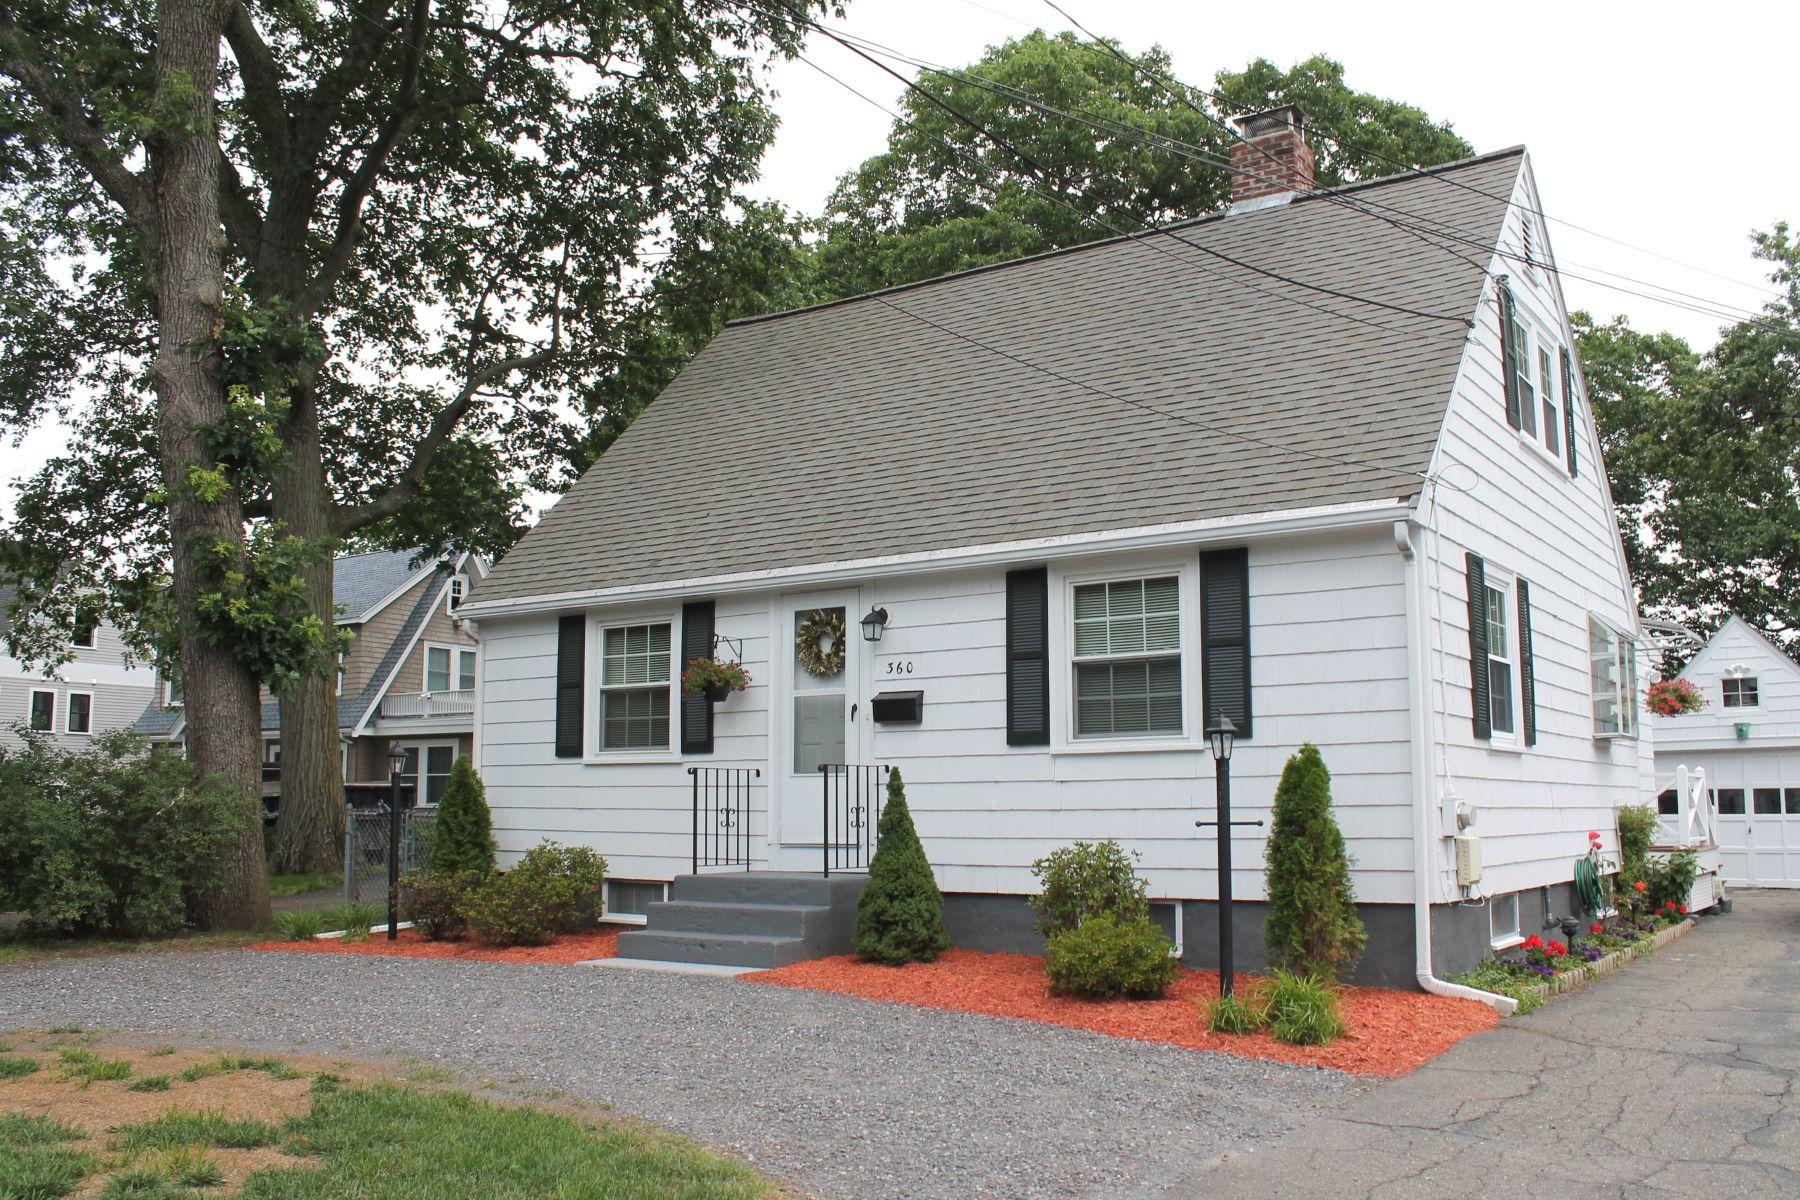 其它住宅 为 出租 在 360 Waltham Street, Lexington Lexington, 马萨诸塞州, 02421 美国